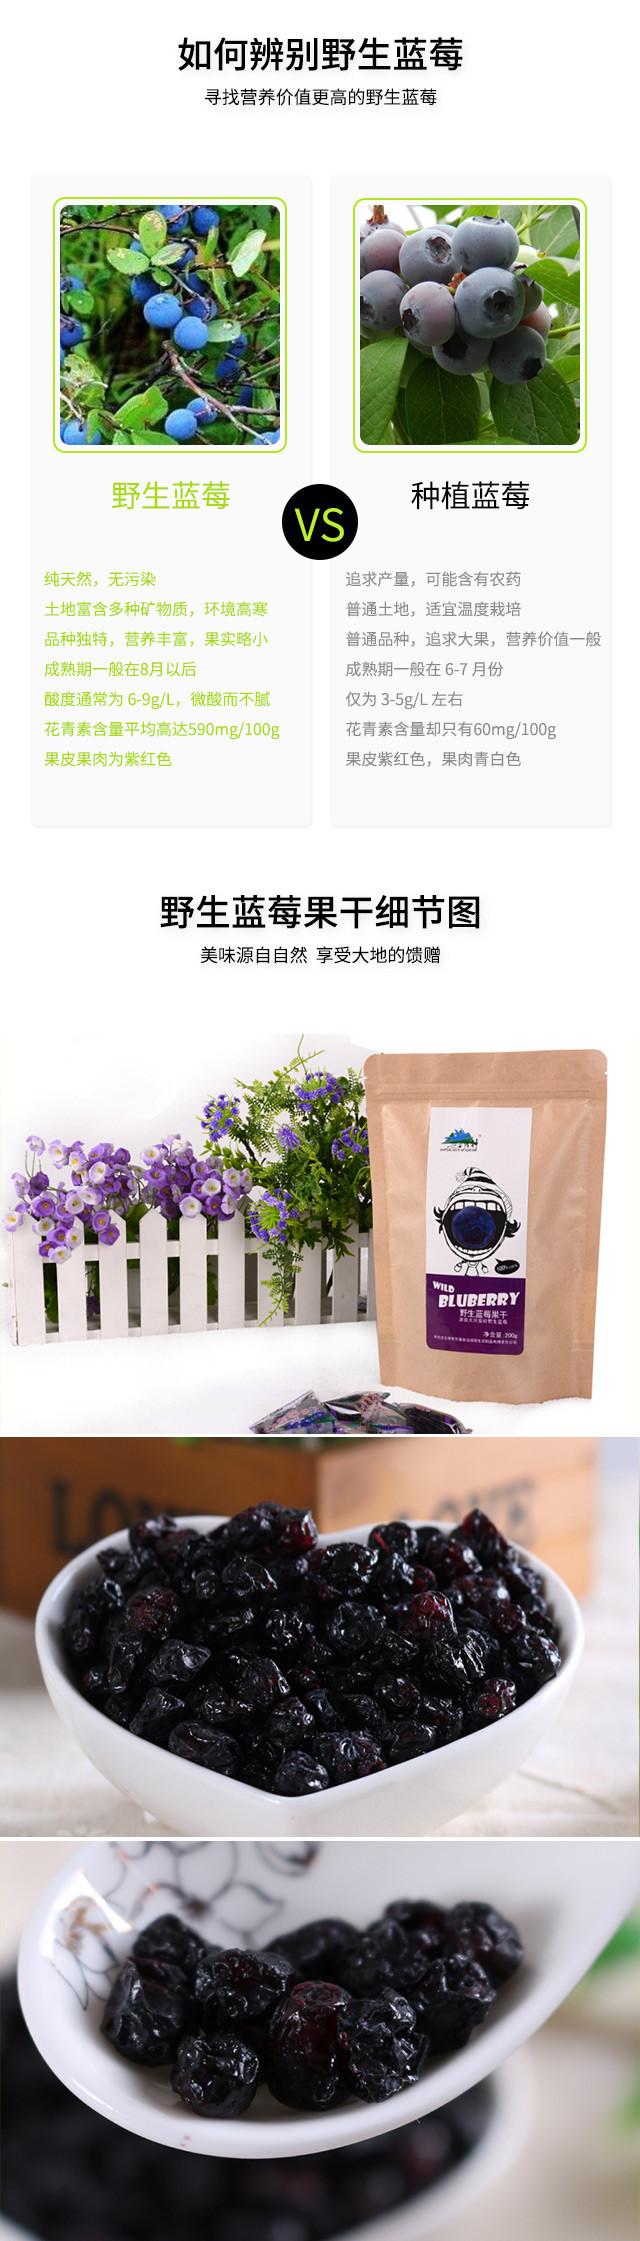 蓝莓干产品详情页_04.jpg